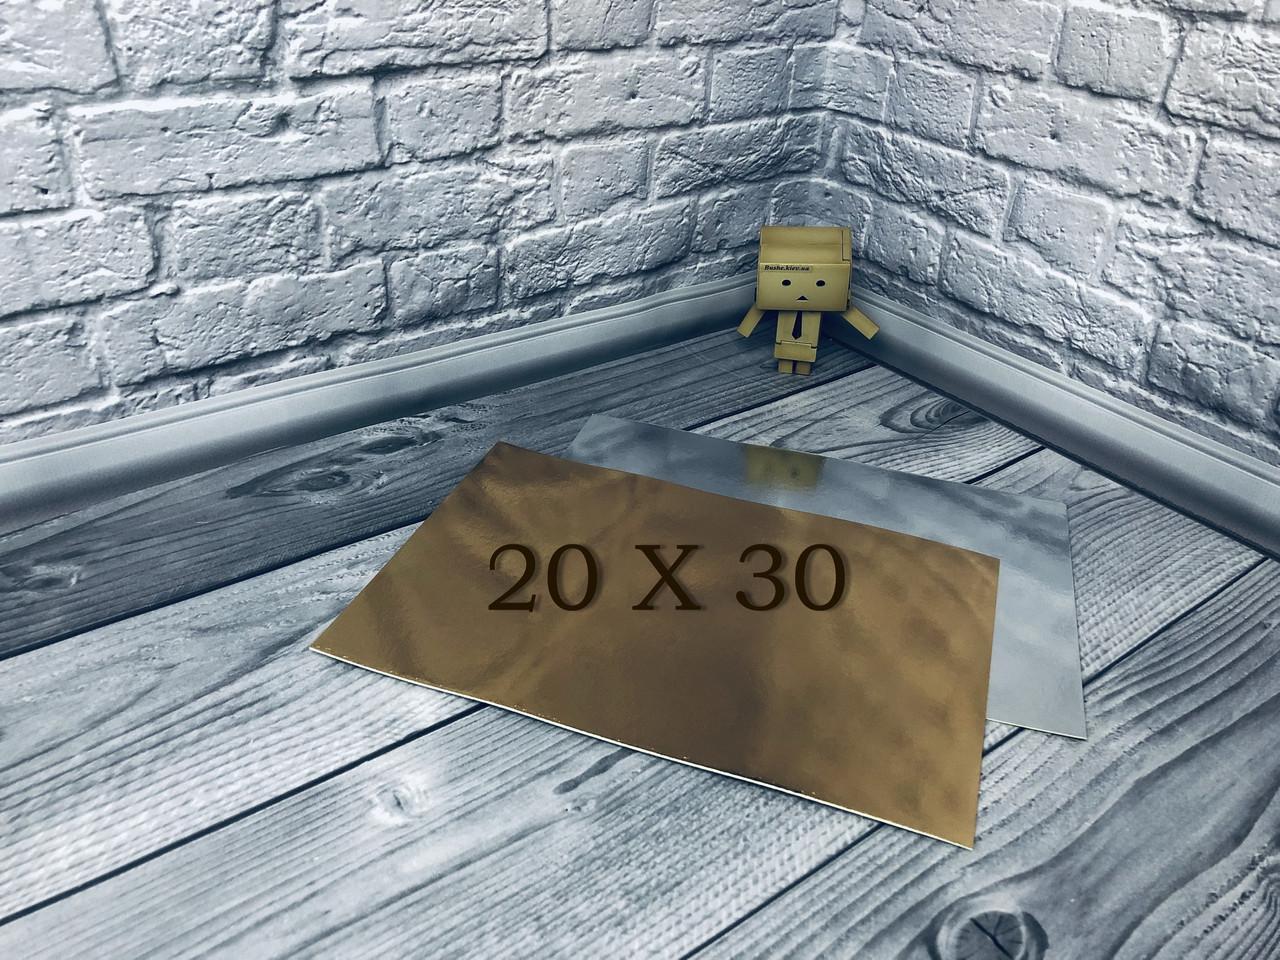 *10 шт* / Подложка под торт 20х30см, Золото-серебро,200х300мм/мин. 10 шт.